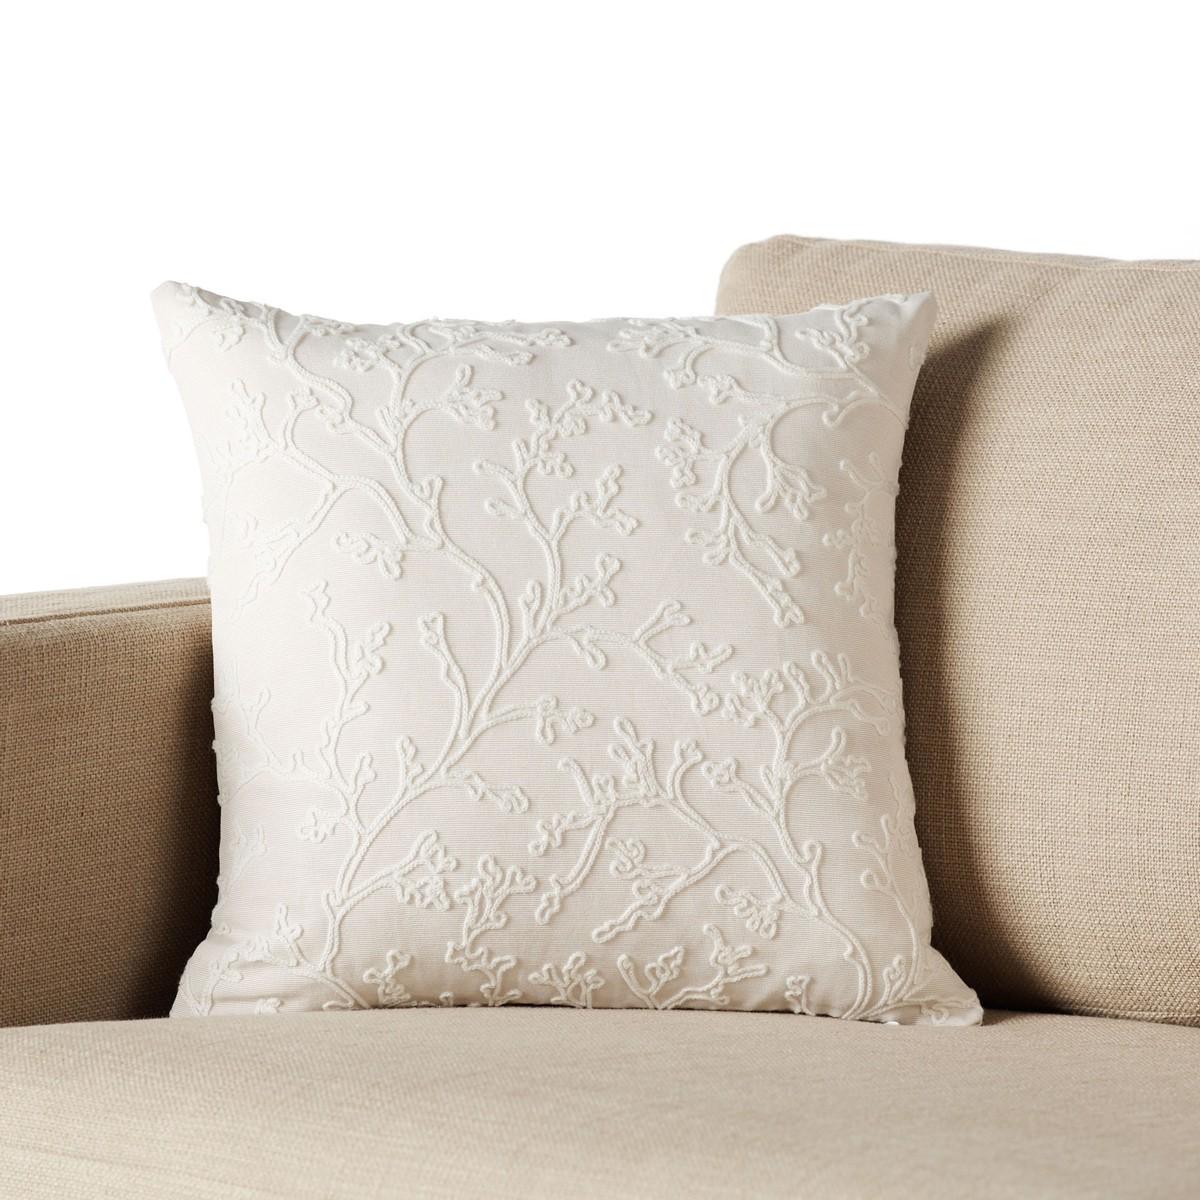 Διακοσμητική Μαξιλαροθήκη Gofis Home Gorgonian Ecru 274/05